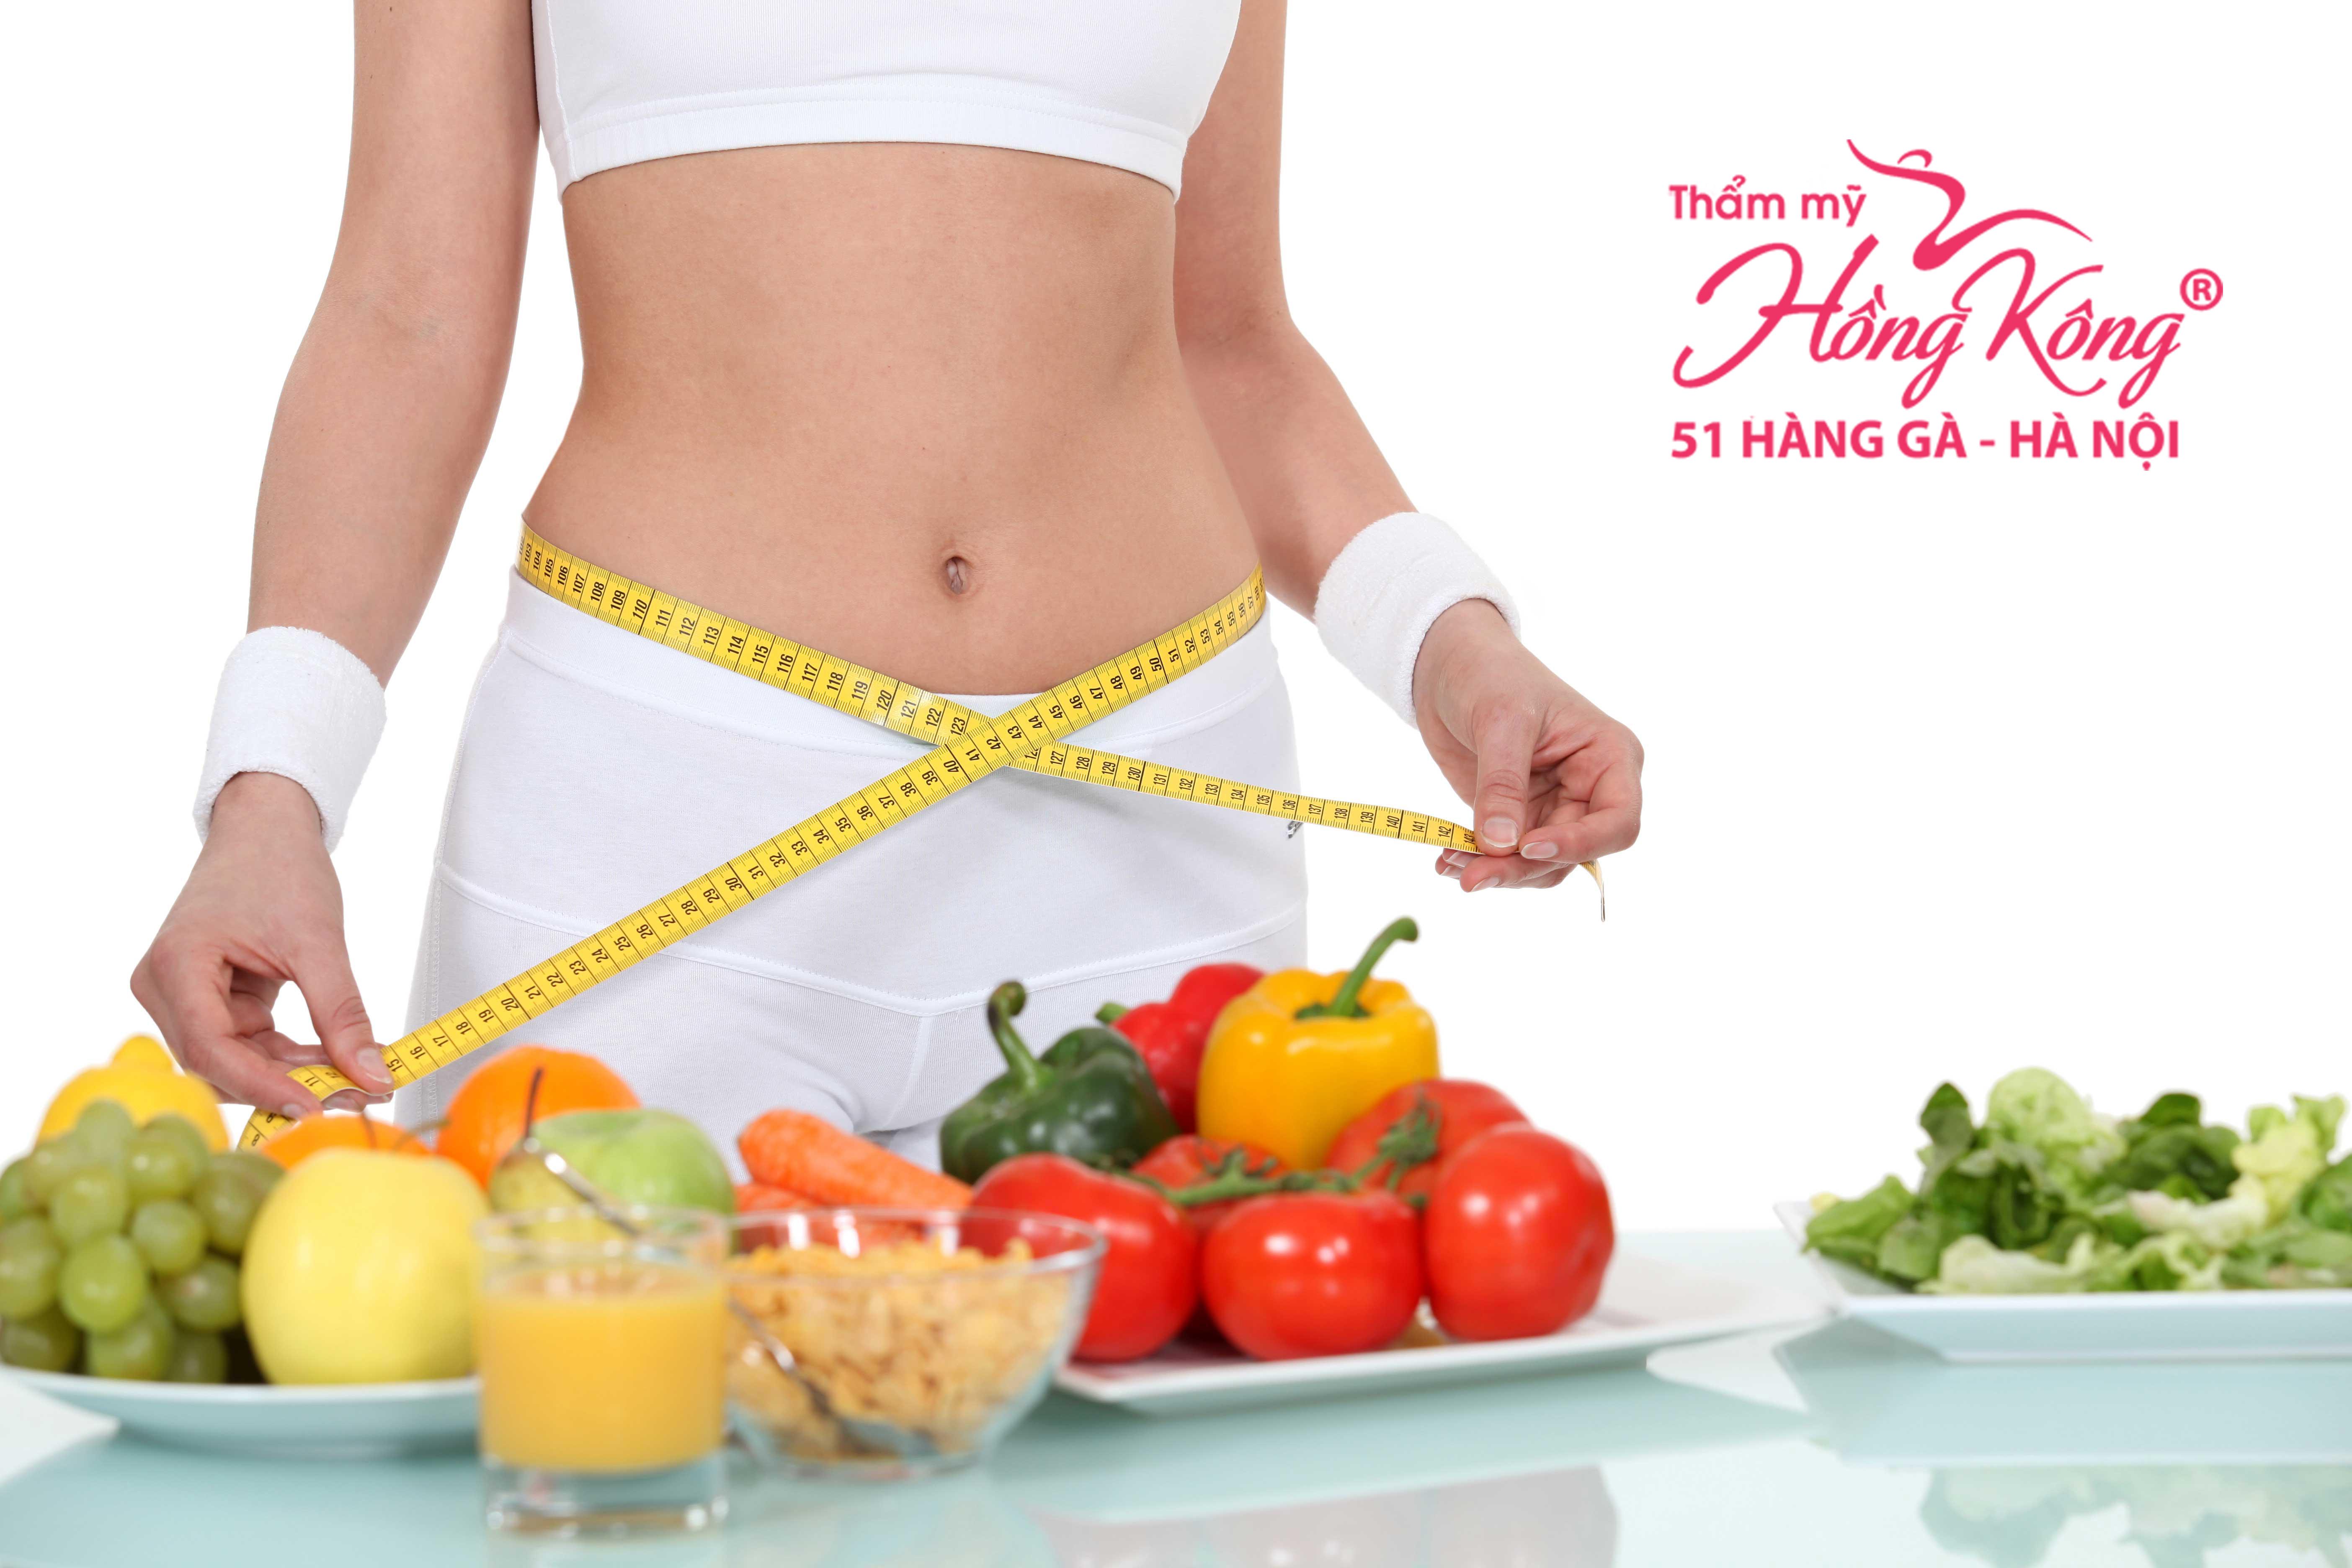 Ăn gì để giảm béo bụng là câu hỏi được nhiều chị em quan tâm